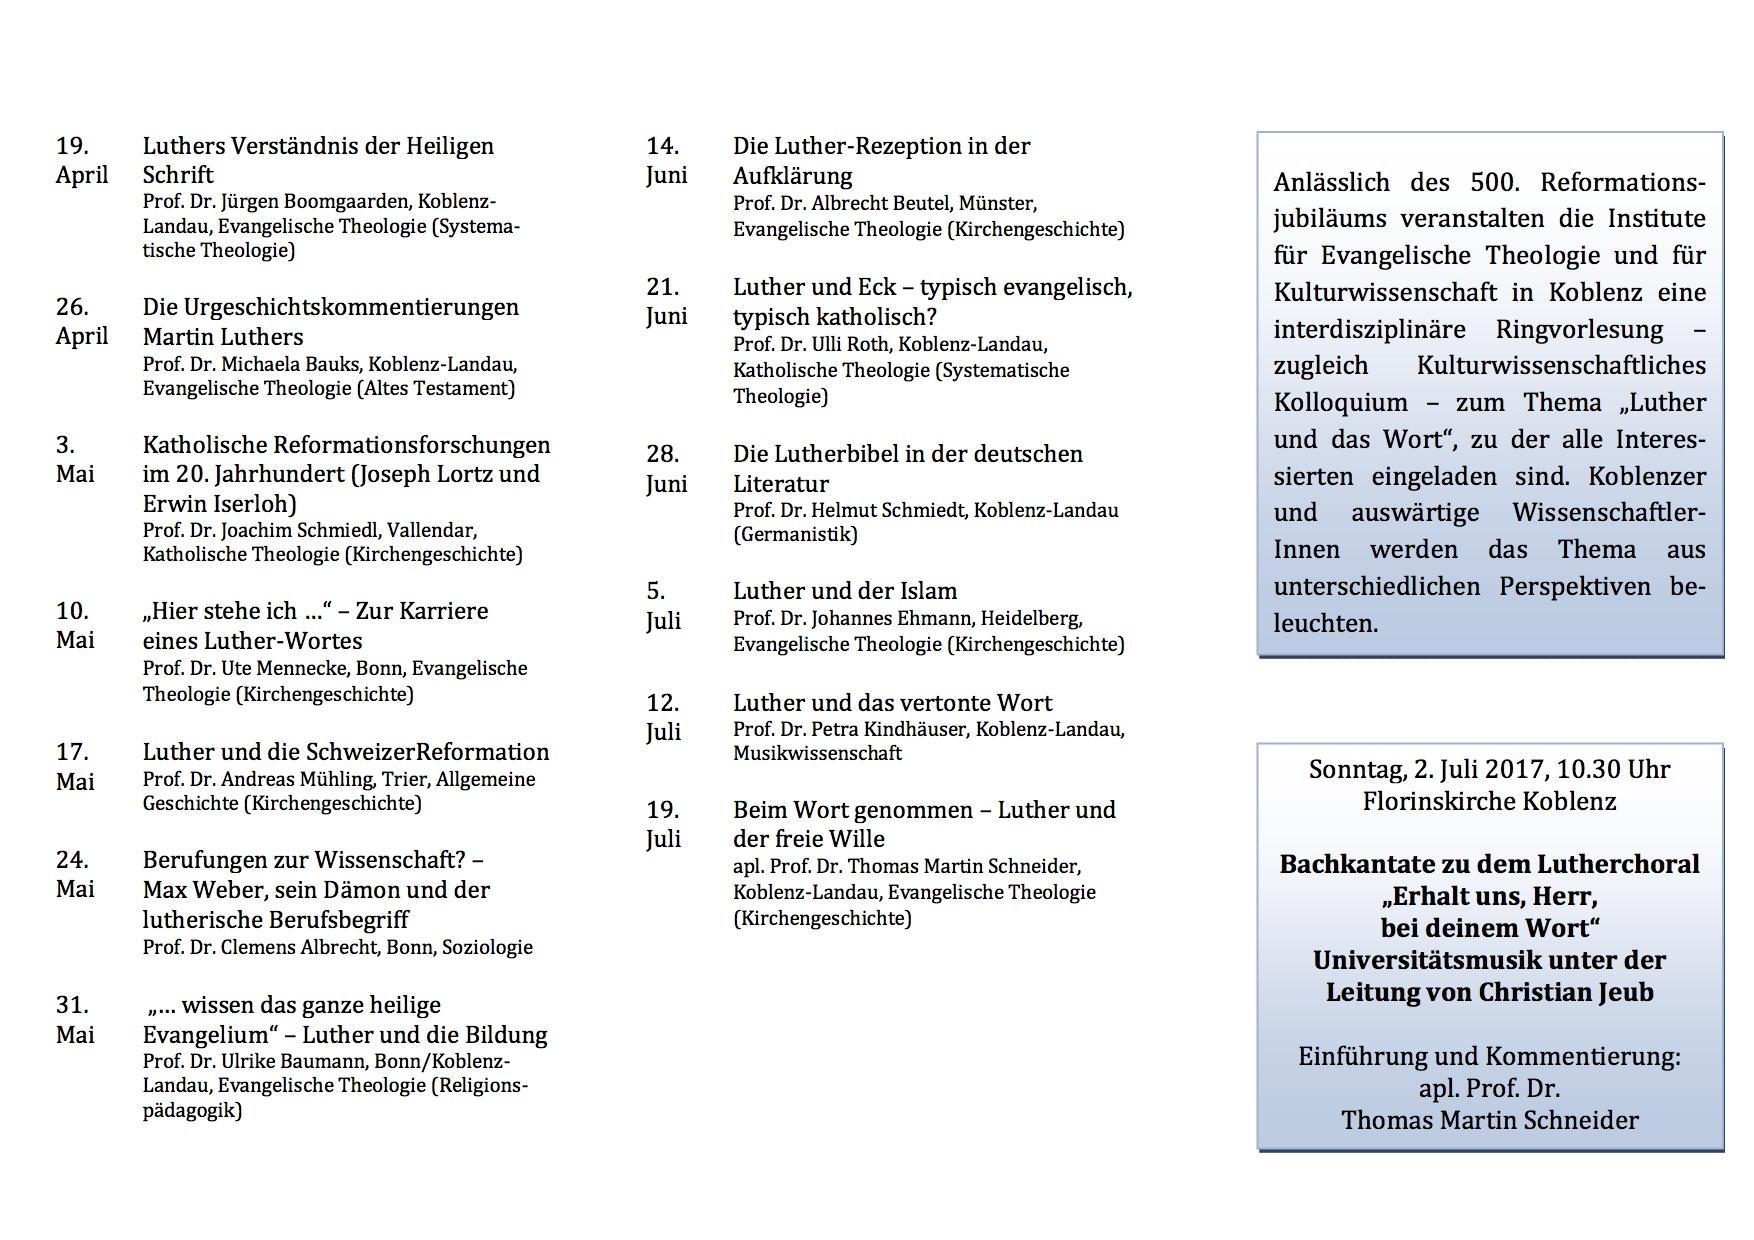 Ringvorlesung/KuWiKo_Flyer_Programm